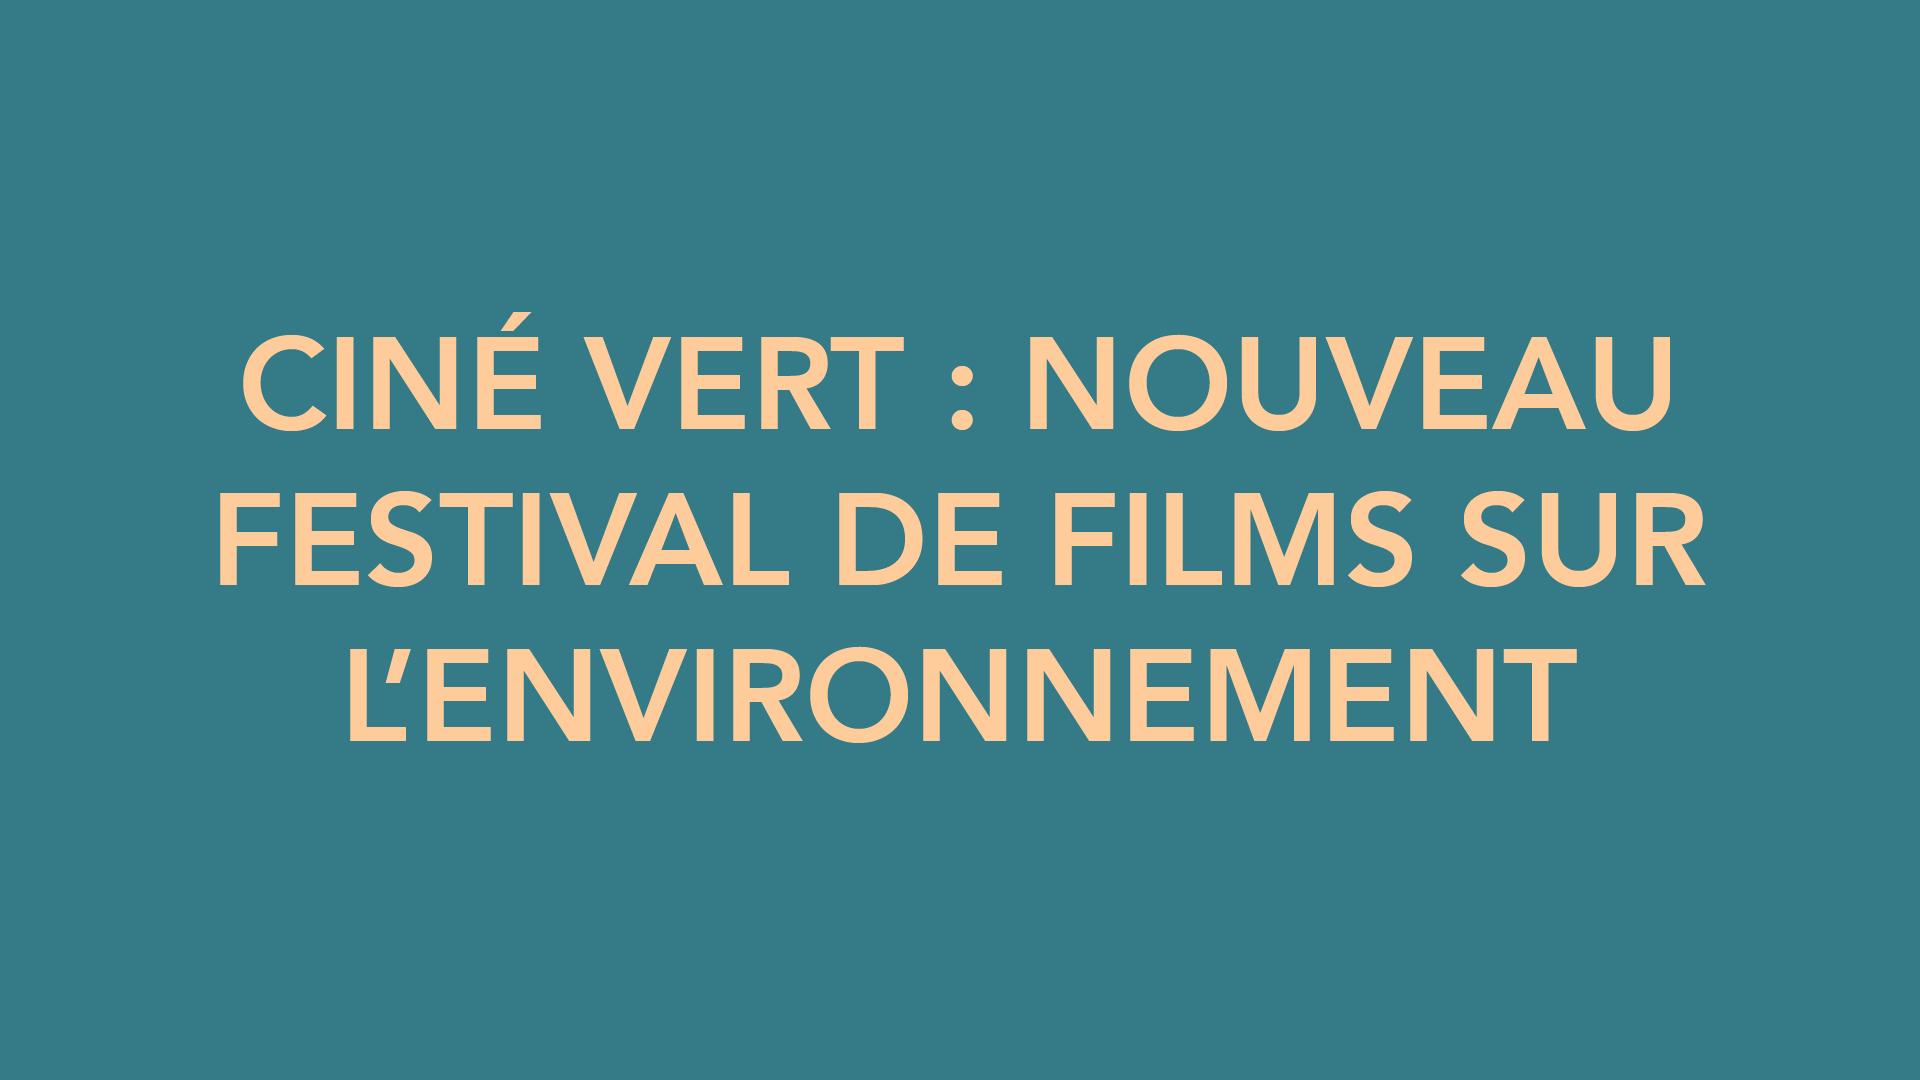 CINÉ VERT : NOUVEAU FESTIVAL DE FILMS SUR L'ENVIRONNEMENT